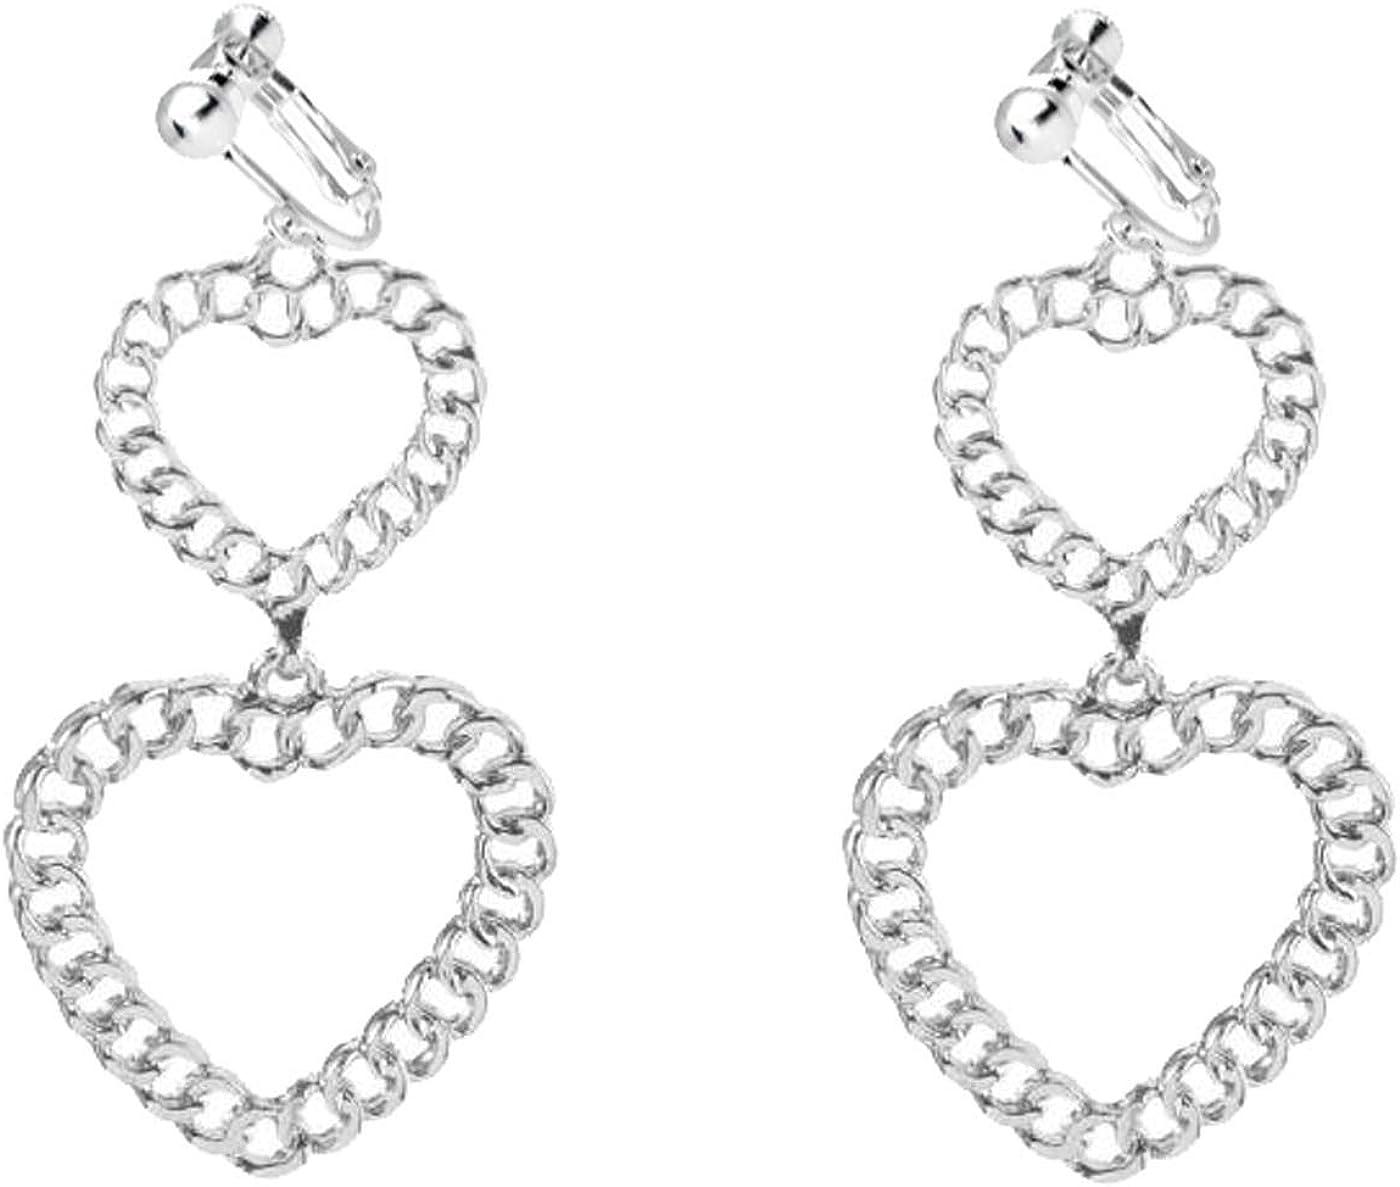 Vintage Statement Clip on Earrings for Women Girls Love Heart Earrings Long Chain Tassel Non Pierced